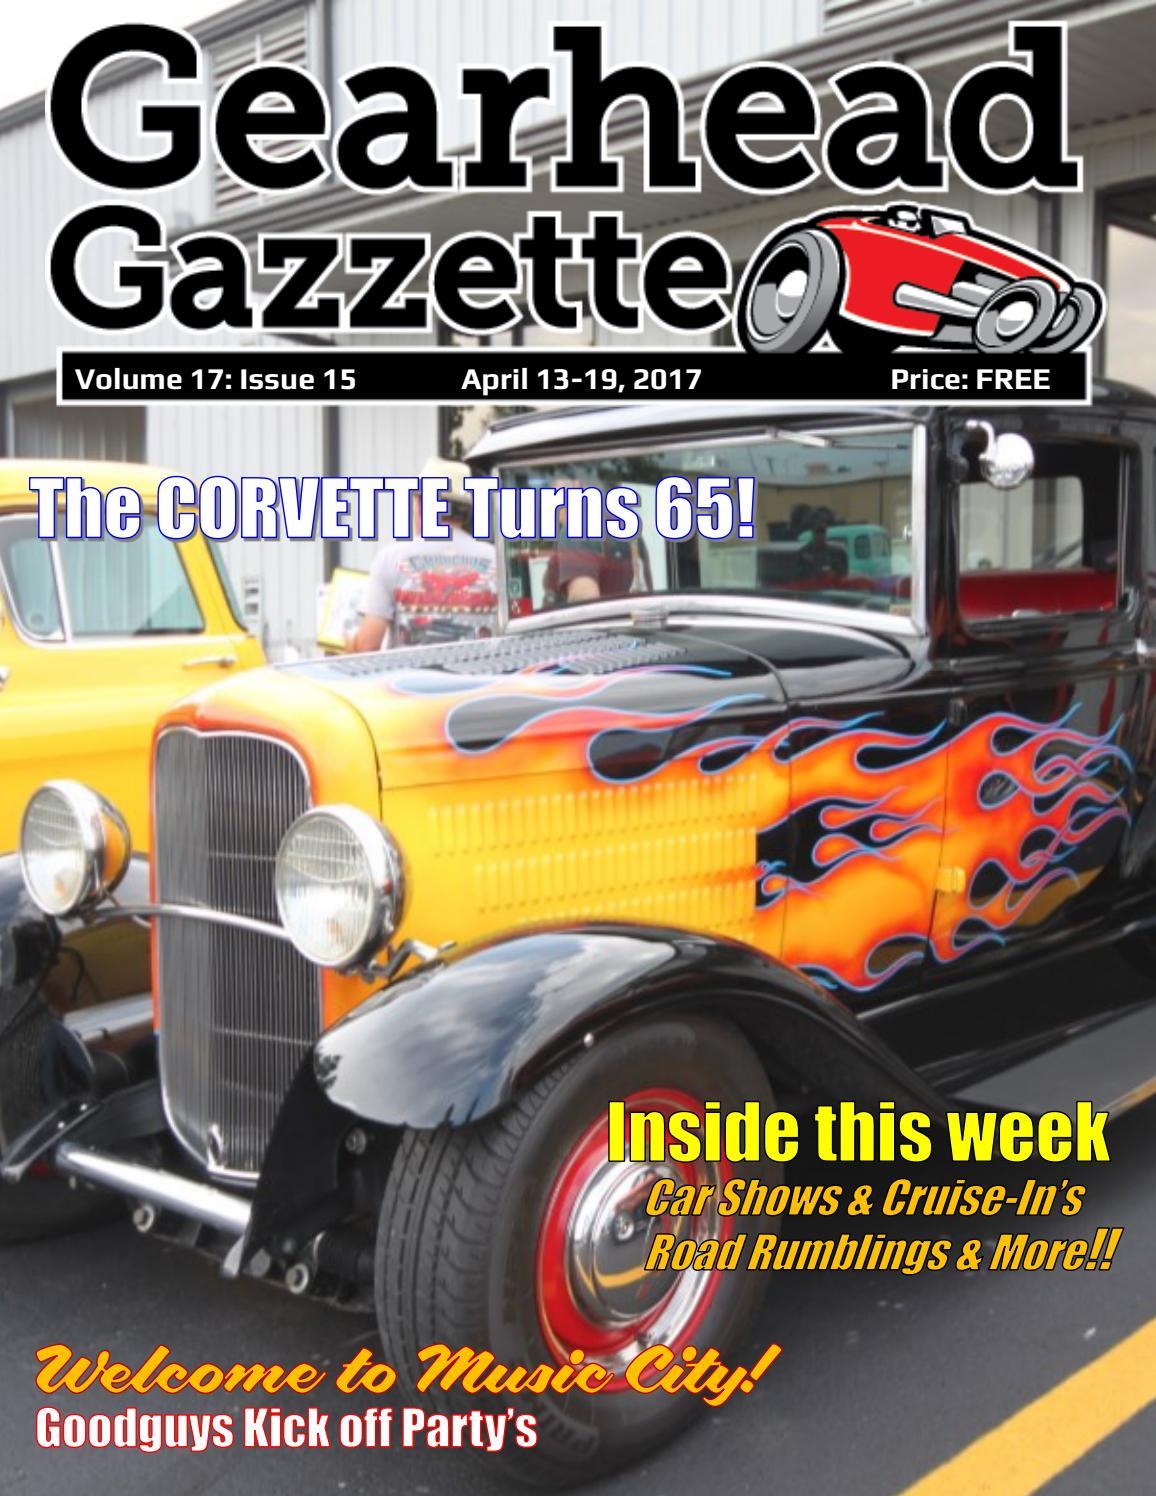 Gearhead Gazzette Vol 17 Issue 15 Apr 13-19 2017 by Jimmy B - issuu